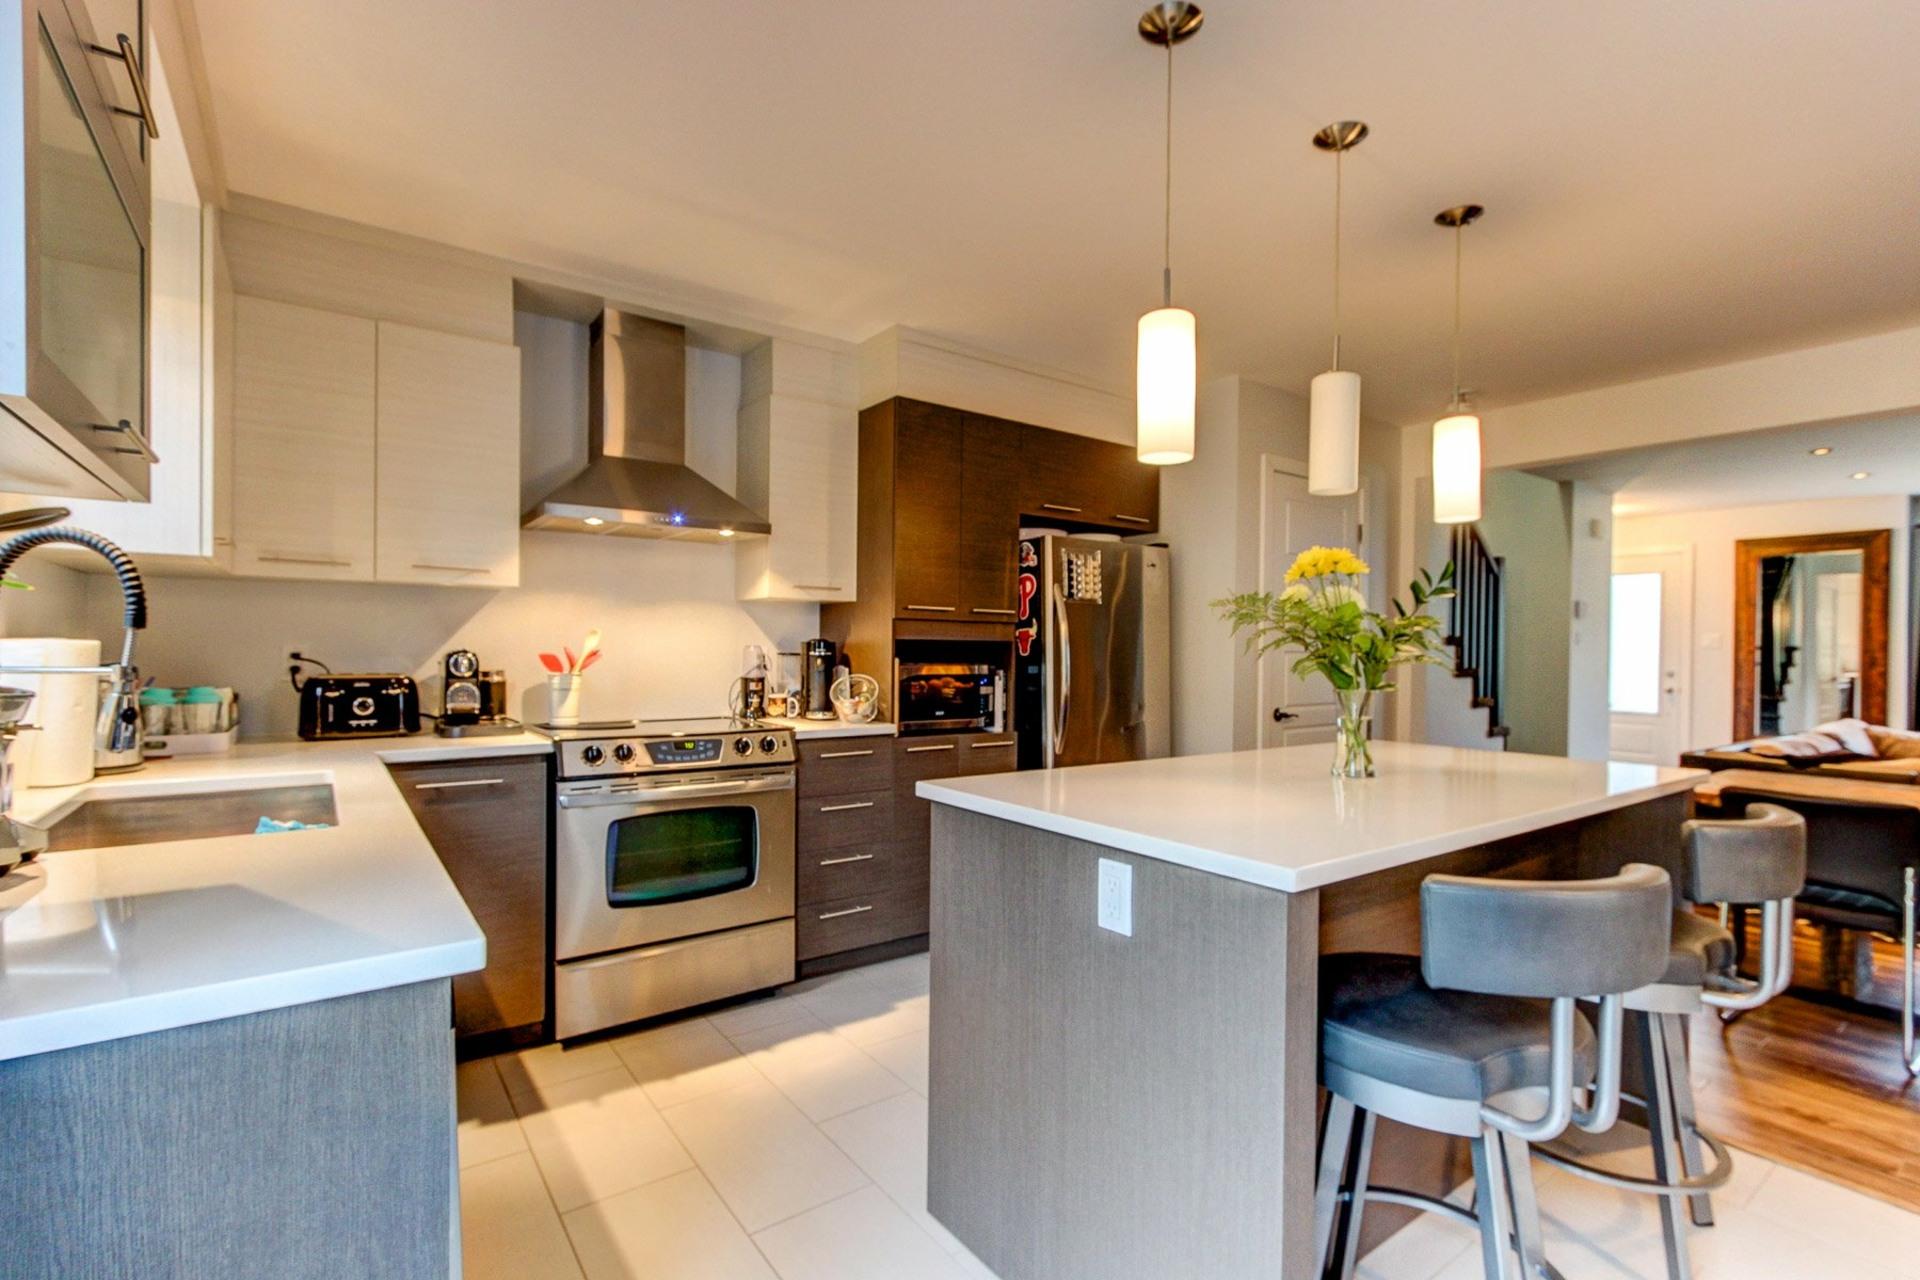 image 1 - Appartement À vendre Trois-Rivières - 7 pièces